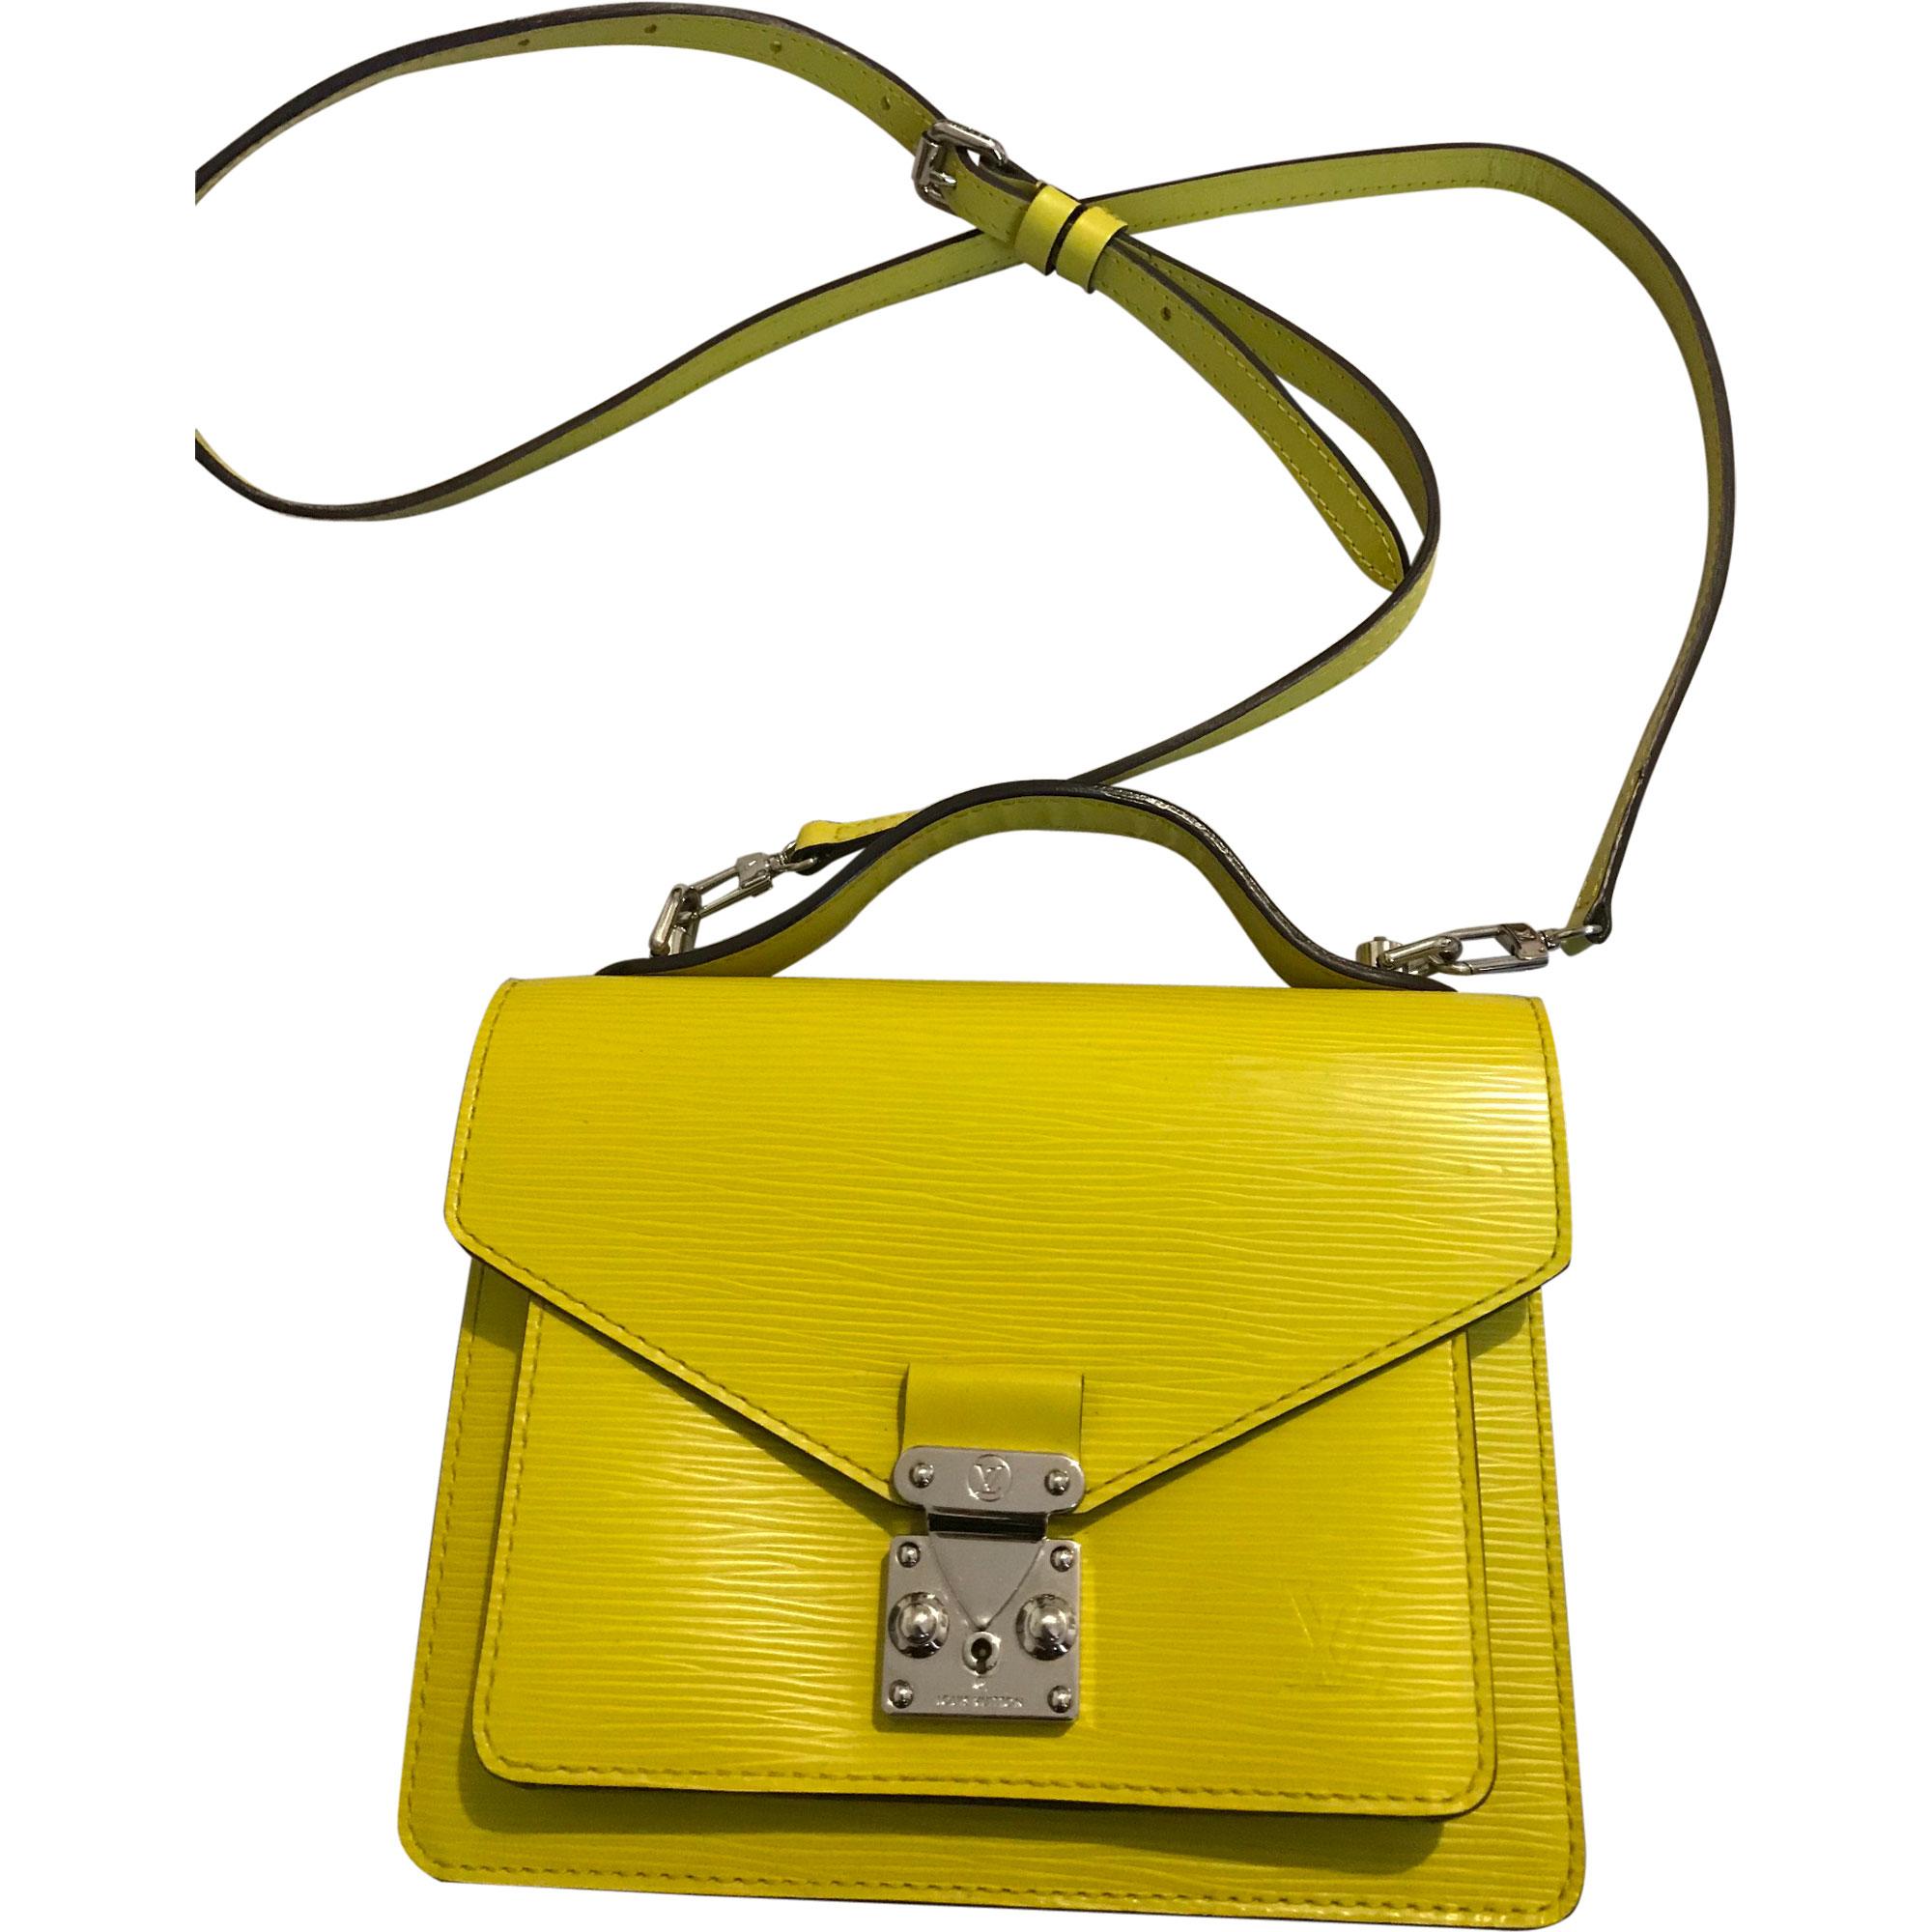 Sac en bandoulière en cuir LOUIS VUITTON jaune vendu par Sac marc ... 246460b2bff